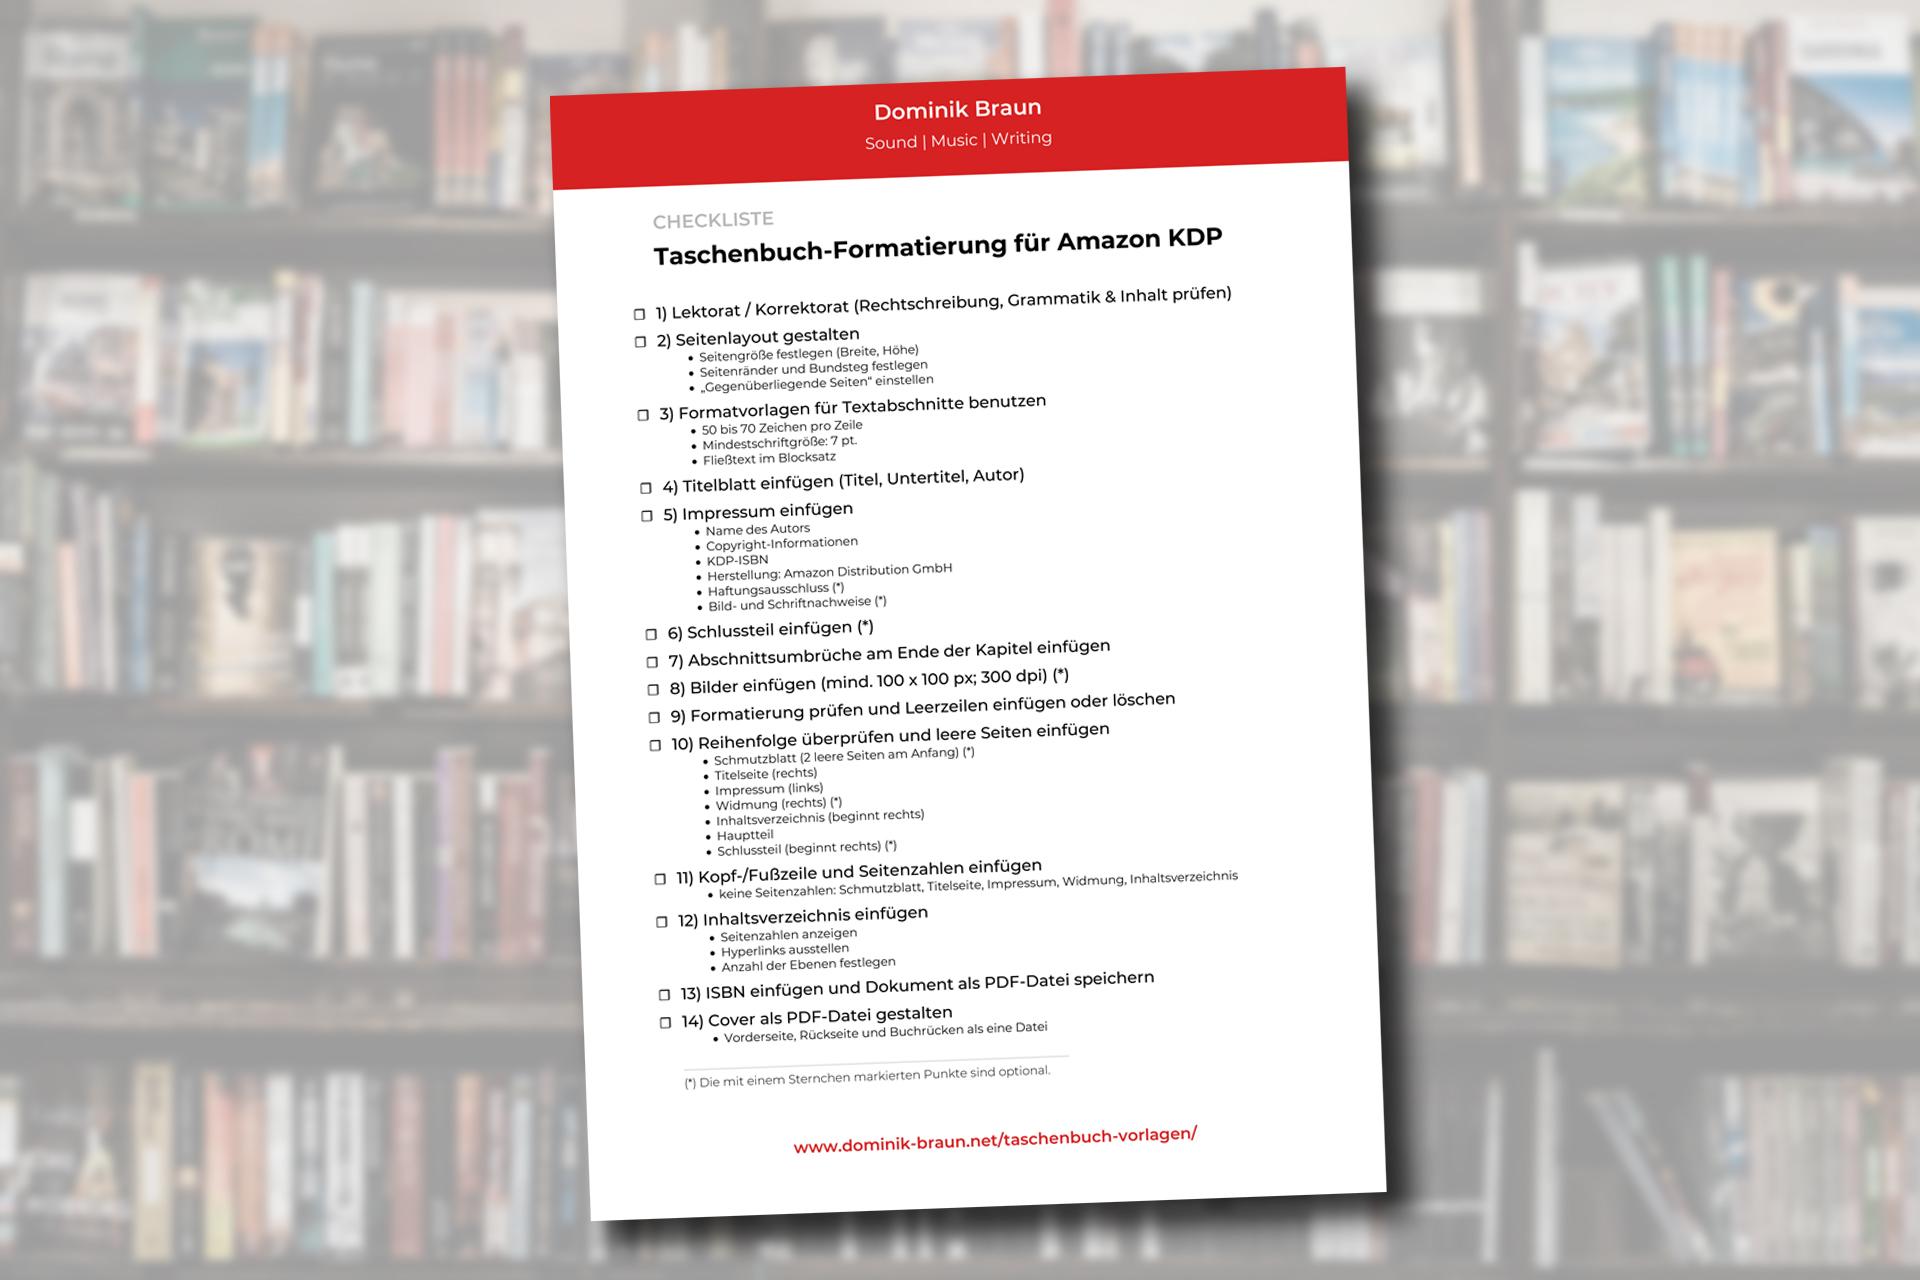 Checkliste Taschenbuch-Formatierung Amazon KDP